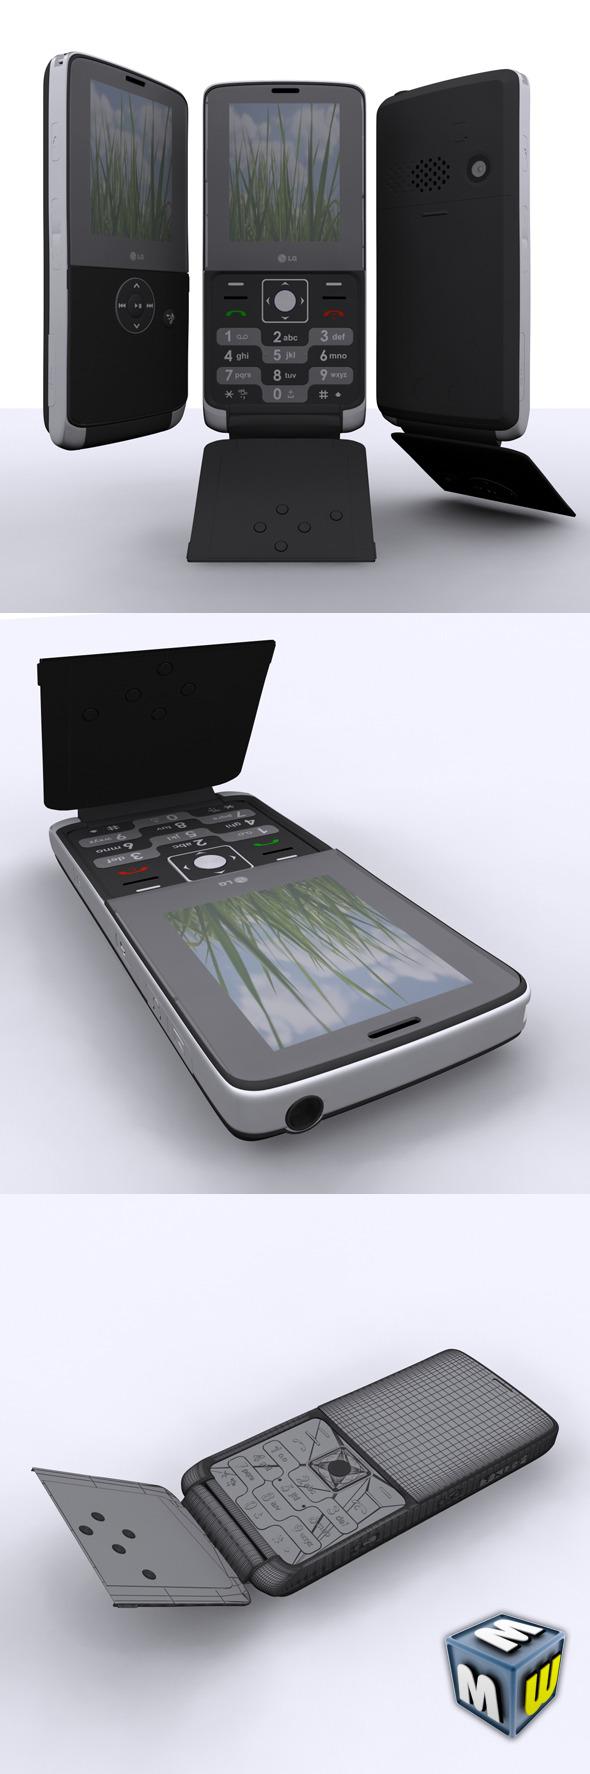 3DOcean LG KM380 Max 2010 5069708